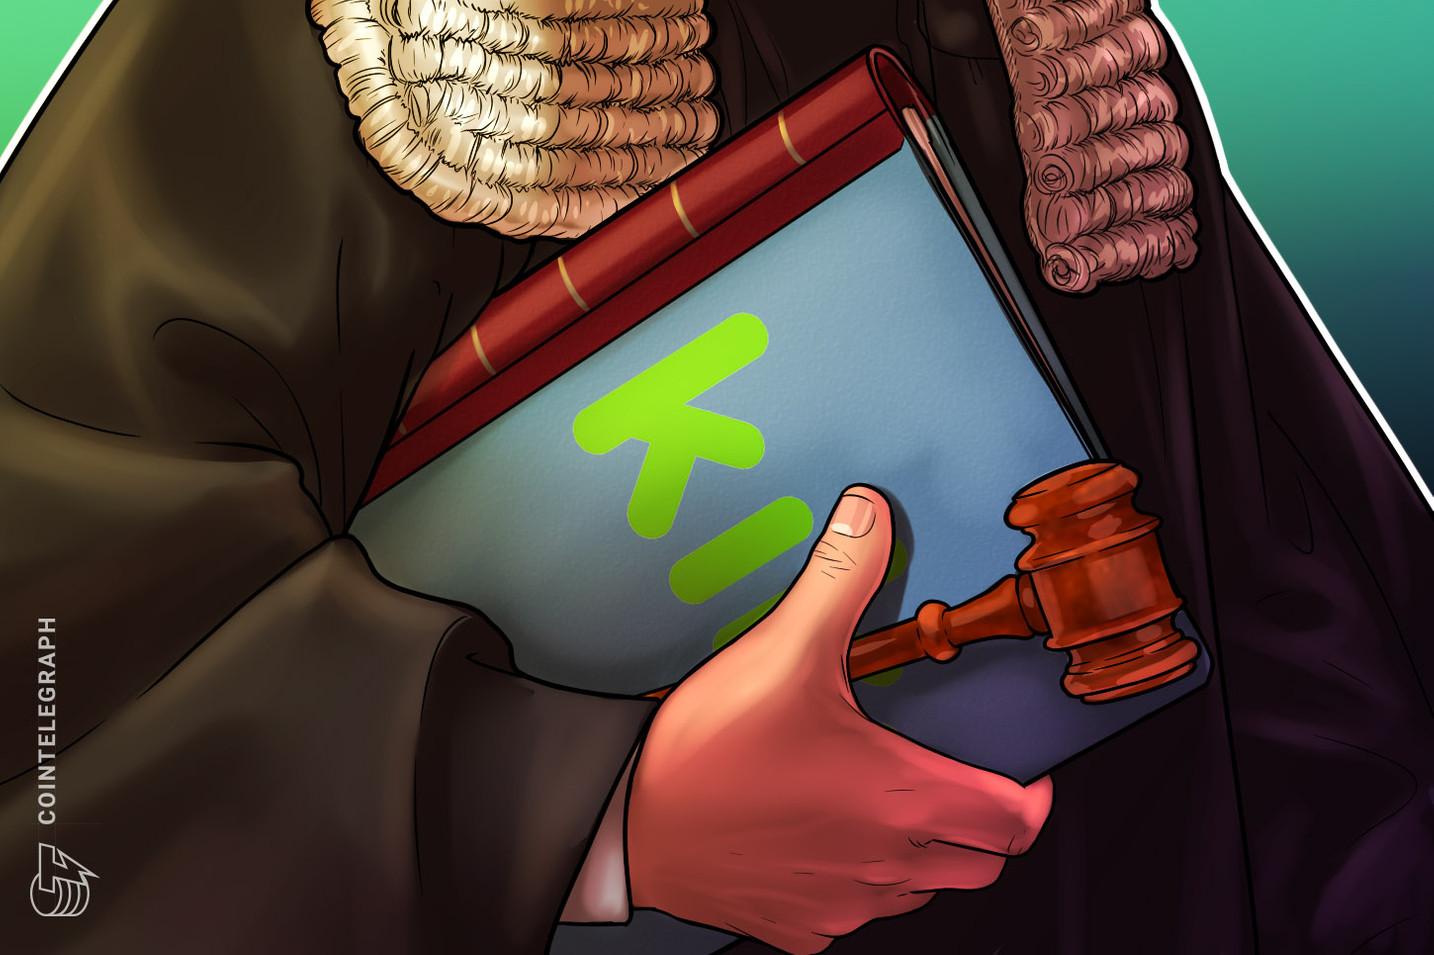 チャットアプリKik、米SECとの裁判で略式判決要請 | 仮想通貨を巡る有価証券論争